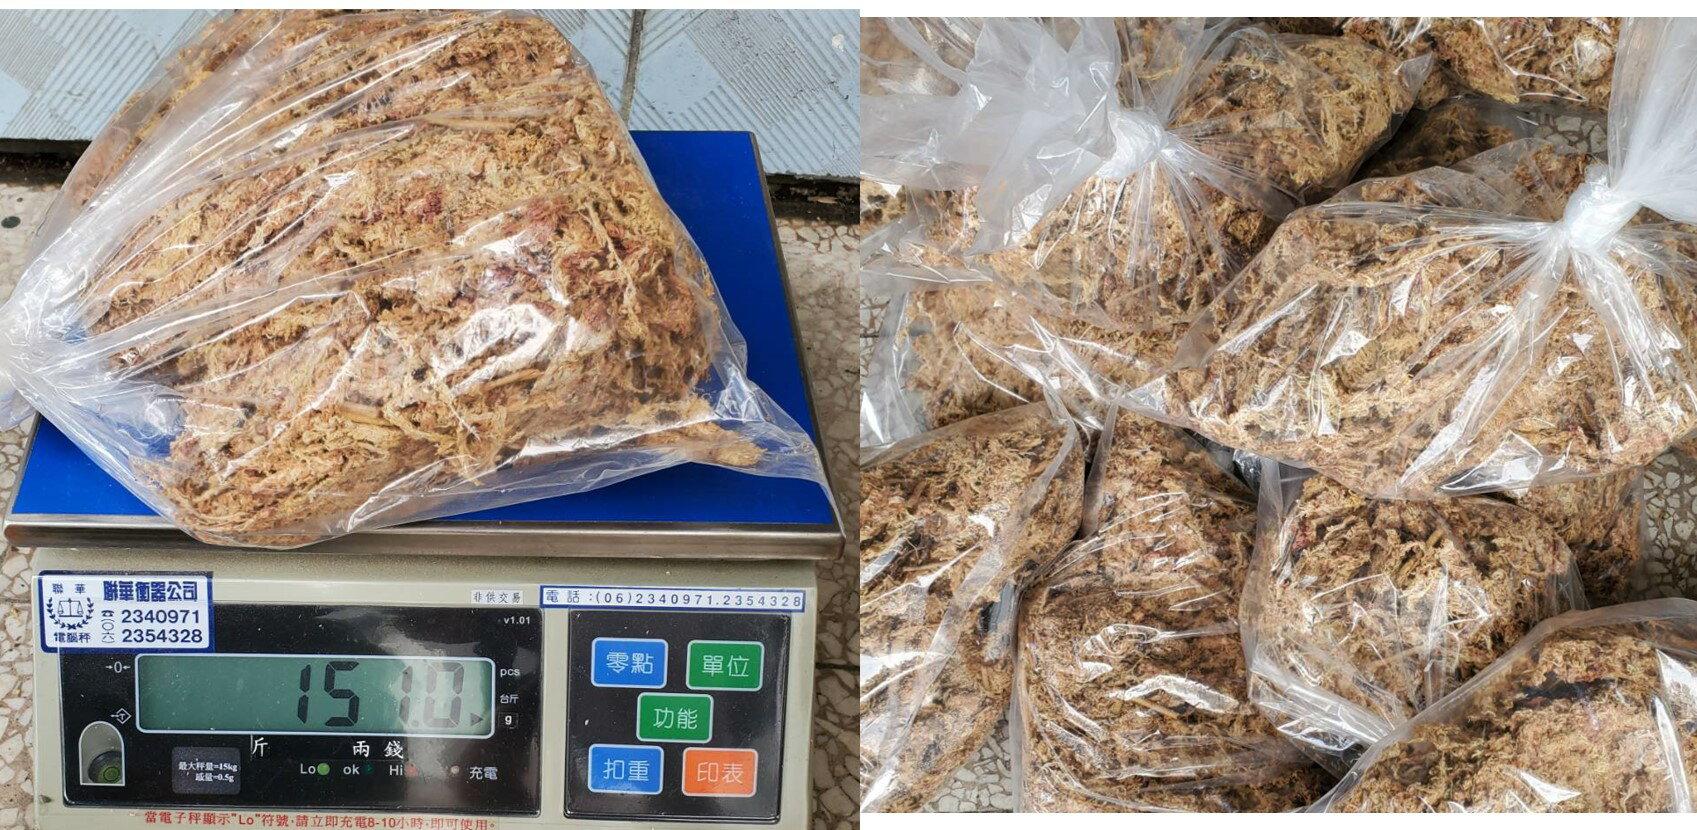 水苔分裝包(1包150G)  乾燥水草 甲蟲底材